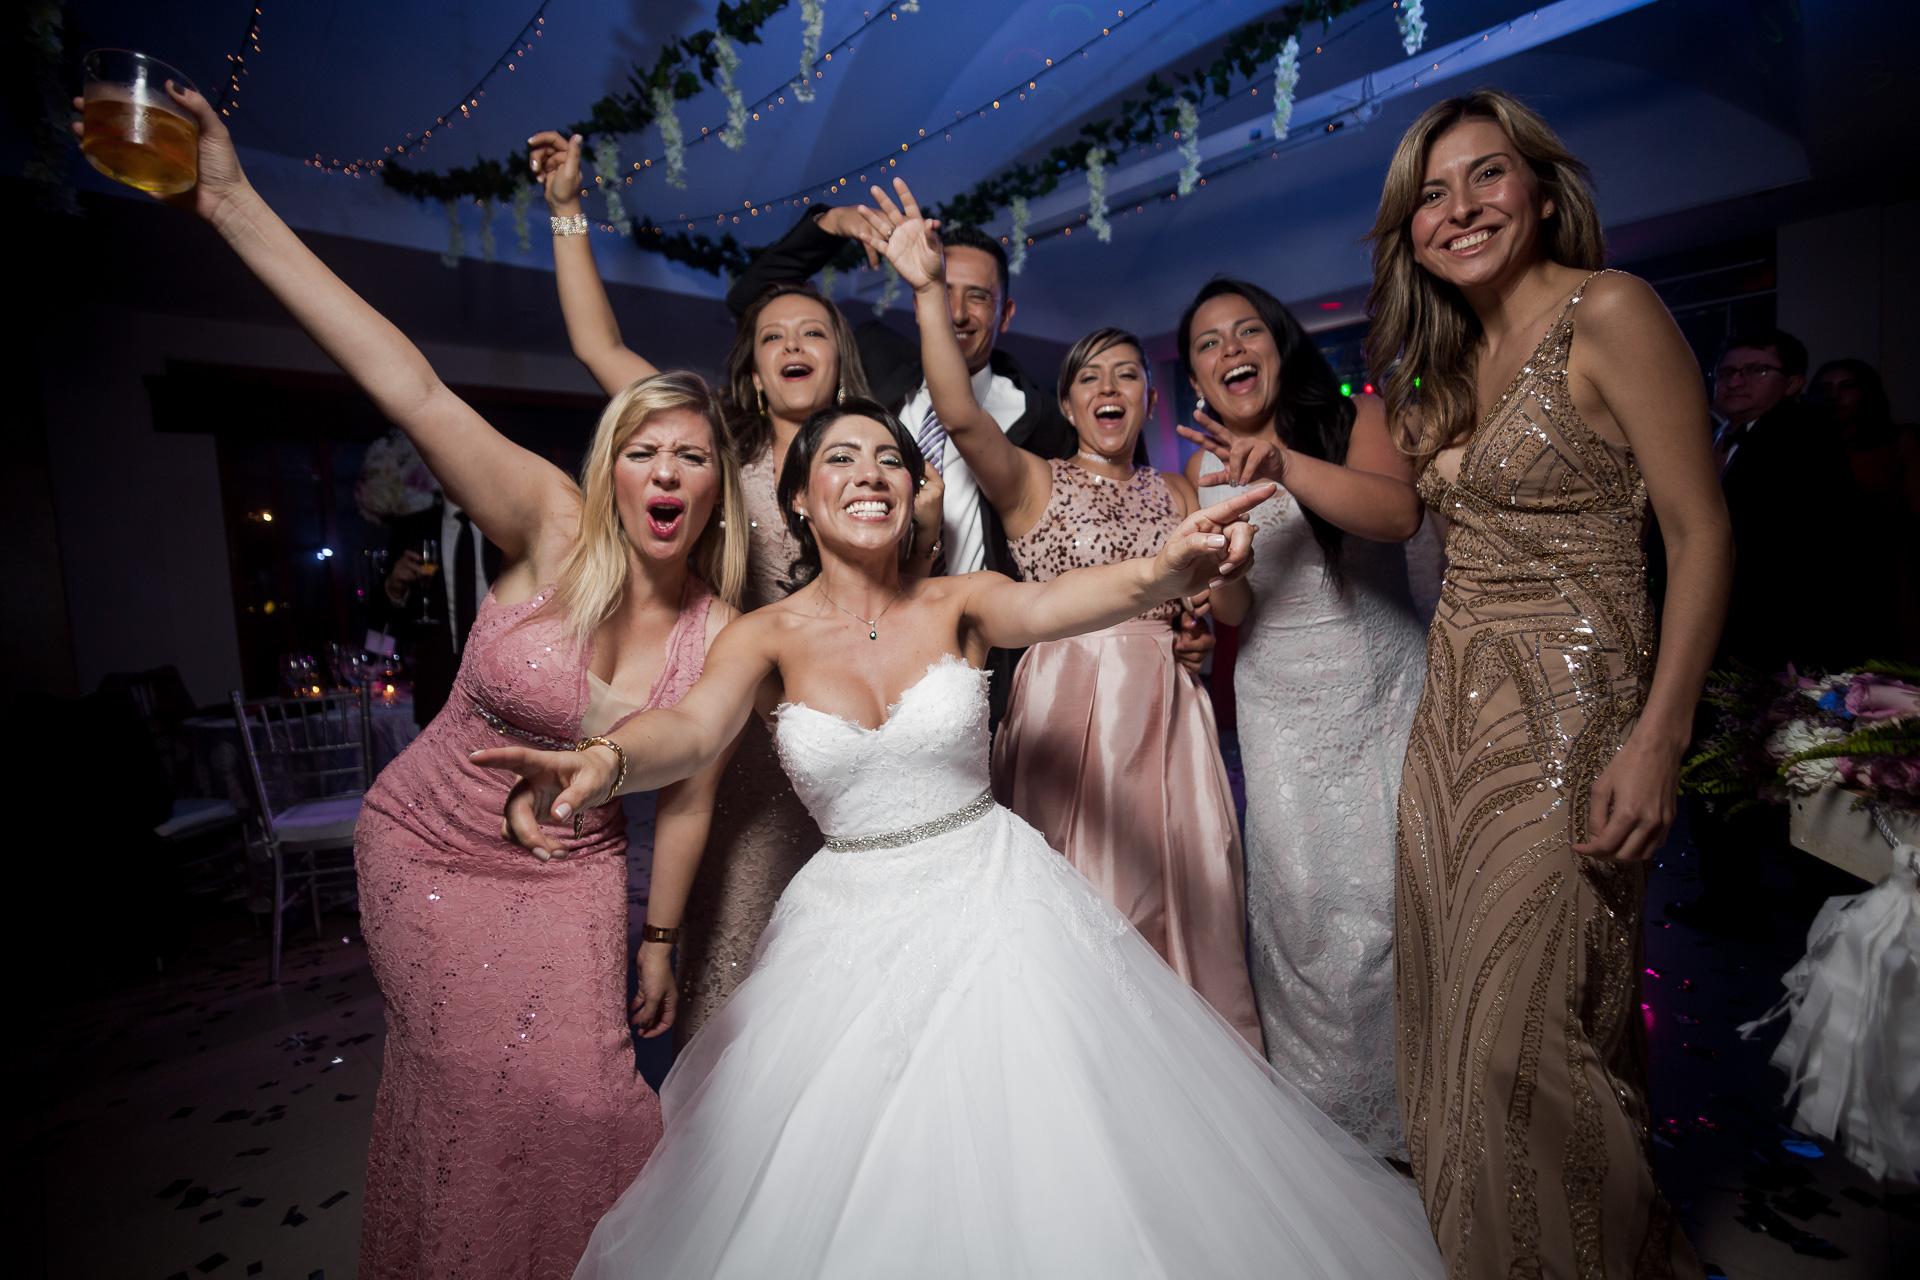 Fotógrafos-de-bodas-en-Colombia-Angela-y-Antonio-61 ANGELA Y ANTONIO